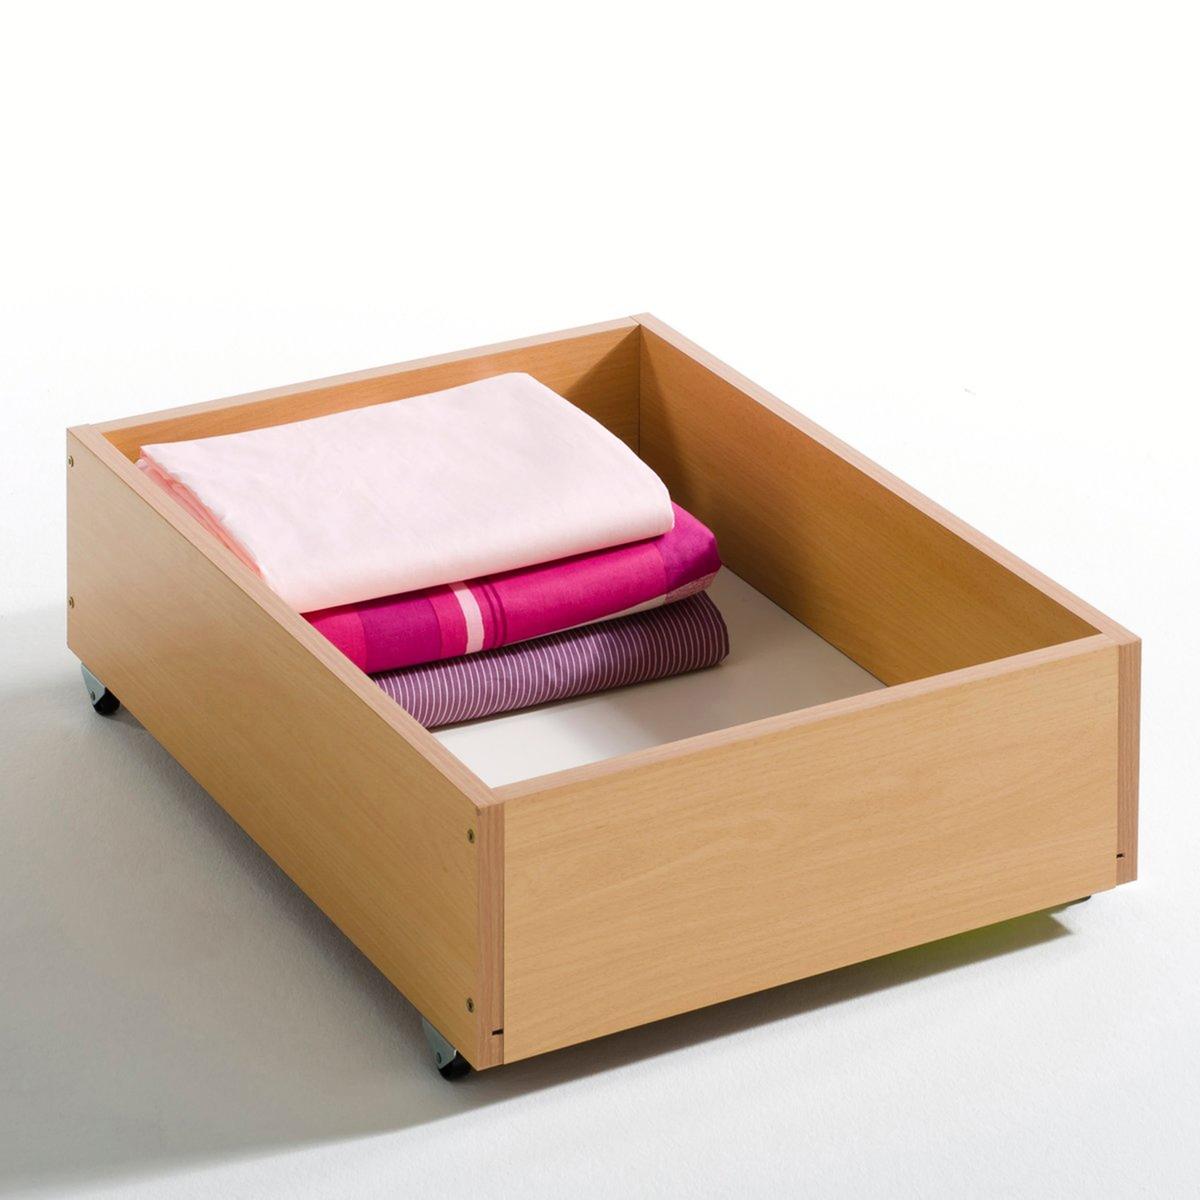 Ящик для хранения BZ из бука, 160 смЯщик для хранения BZ из бука, 160 см: специально создан для удобного хранения под диваном BZ и экипирован колесами. Сделано в Европе.Размеры ящика для хранения под диваном BZ :Высота : 13 смГлубина : 56 см.Ширина внутри : 97 смОписание ящика для хранения под диваном BZ :специально создан для удобного хранения под диваном BZ и экипирован колесами.Характеристики ящика для хранения под диваном BZ :Выполнен из ДСП.Другие модели коллекции BZ вы можете найти на сайте laredoute.ruРазмеры и вес упаковки :1 упаковка  Ш.110 x В.3,5 x Г.61 см, 9 кгДоставка:Доставка на этаж по предварительной записи!Внимание!Убедитесь в том, что размеры дверей, лестниц,лифтов позволяют доставить товар в упаковке до квартиры..<br><br>Цвет: светлое дерево бук